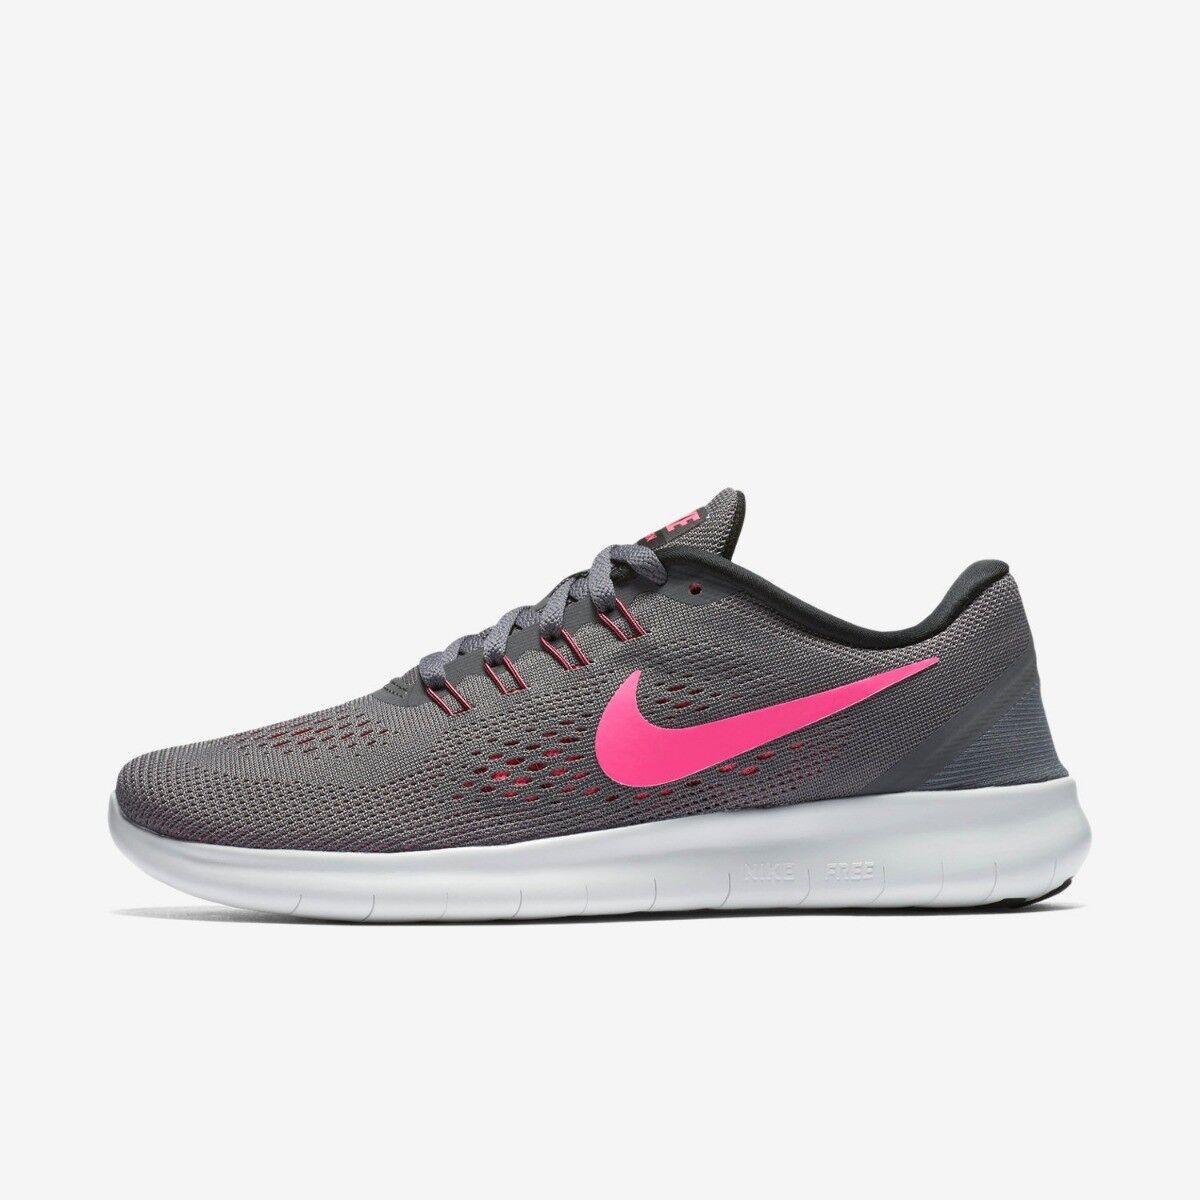 Nike da Donna  Free Run Dimensione 5.5 6 Sportive da Corsa Grigio Scuro Nuovo  100% nuovo di zecca con qualità originale